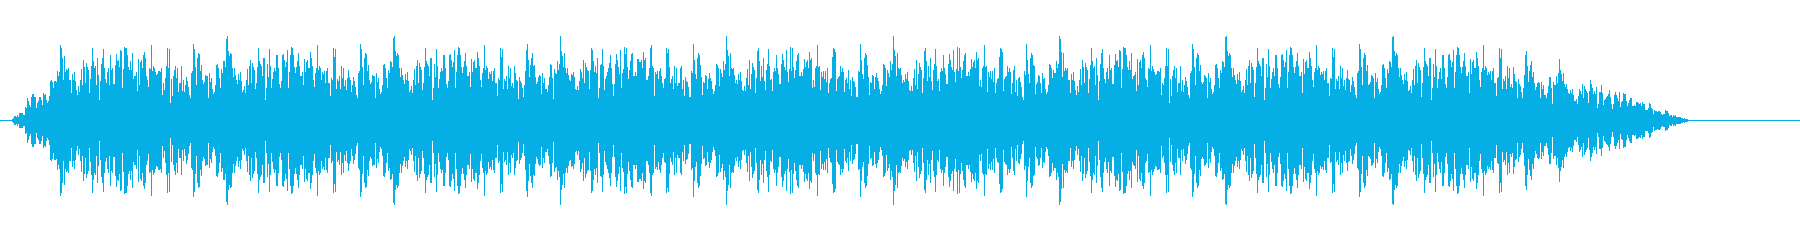 エネルギービームの再生済みの波形